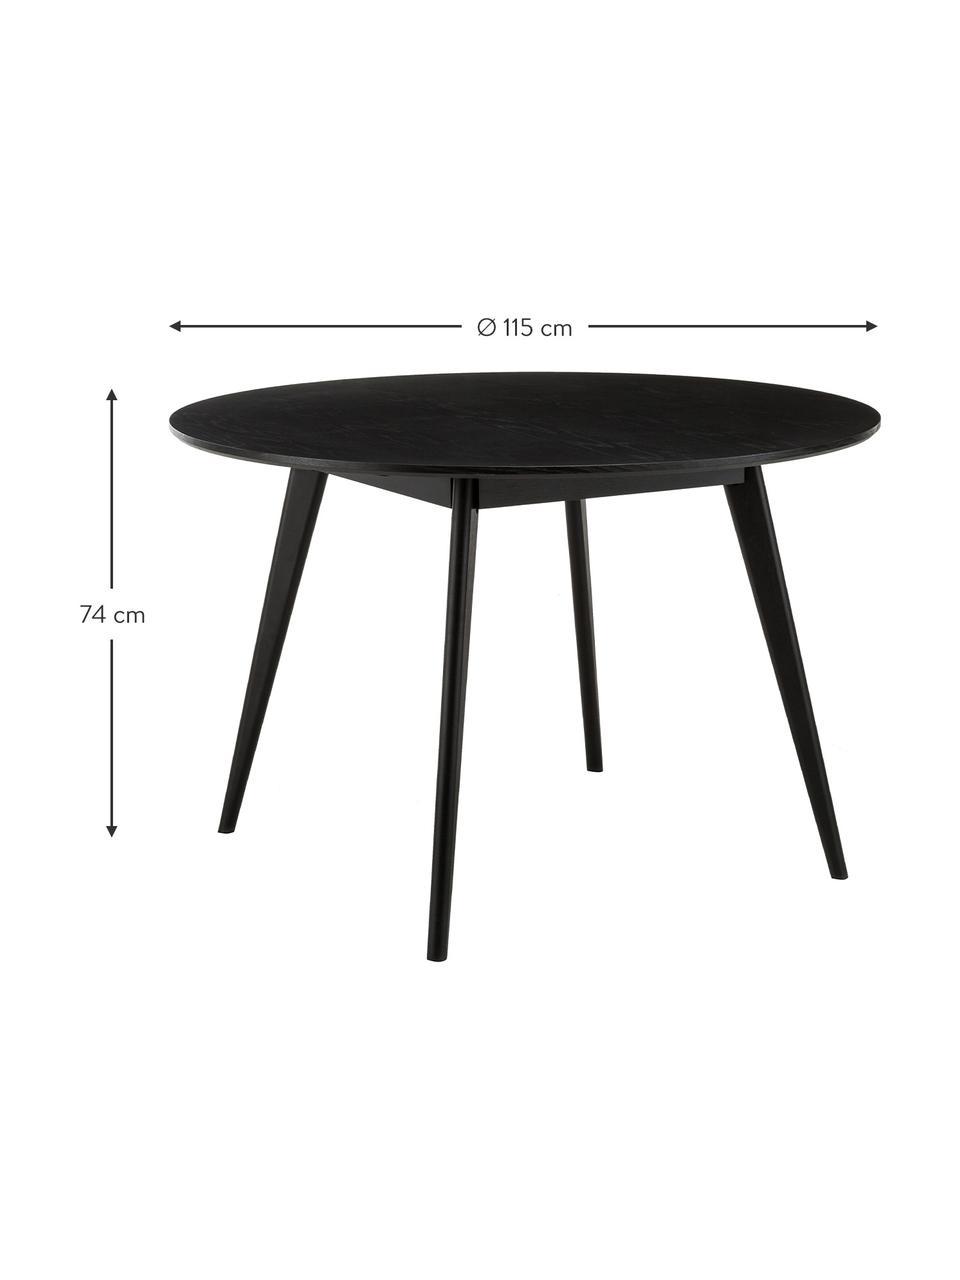 Runder Holz-Esstisch Yumi, Tischplatte: Mitteldichte Holzfaserpla, Beine: Gummibaumholz, massiv und, Schwarz, Ø 115 x H 74 cm